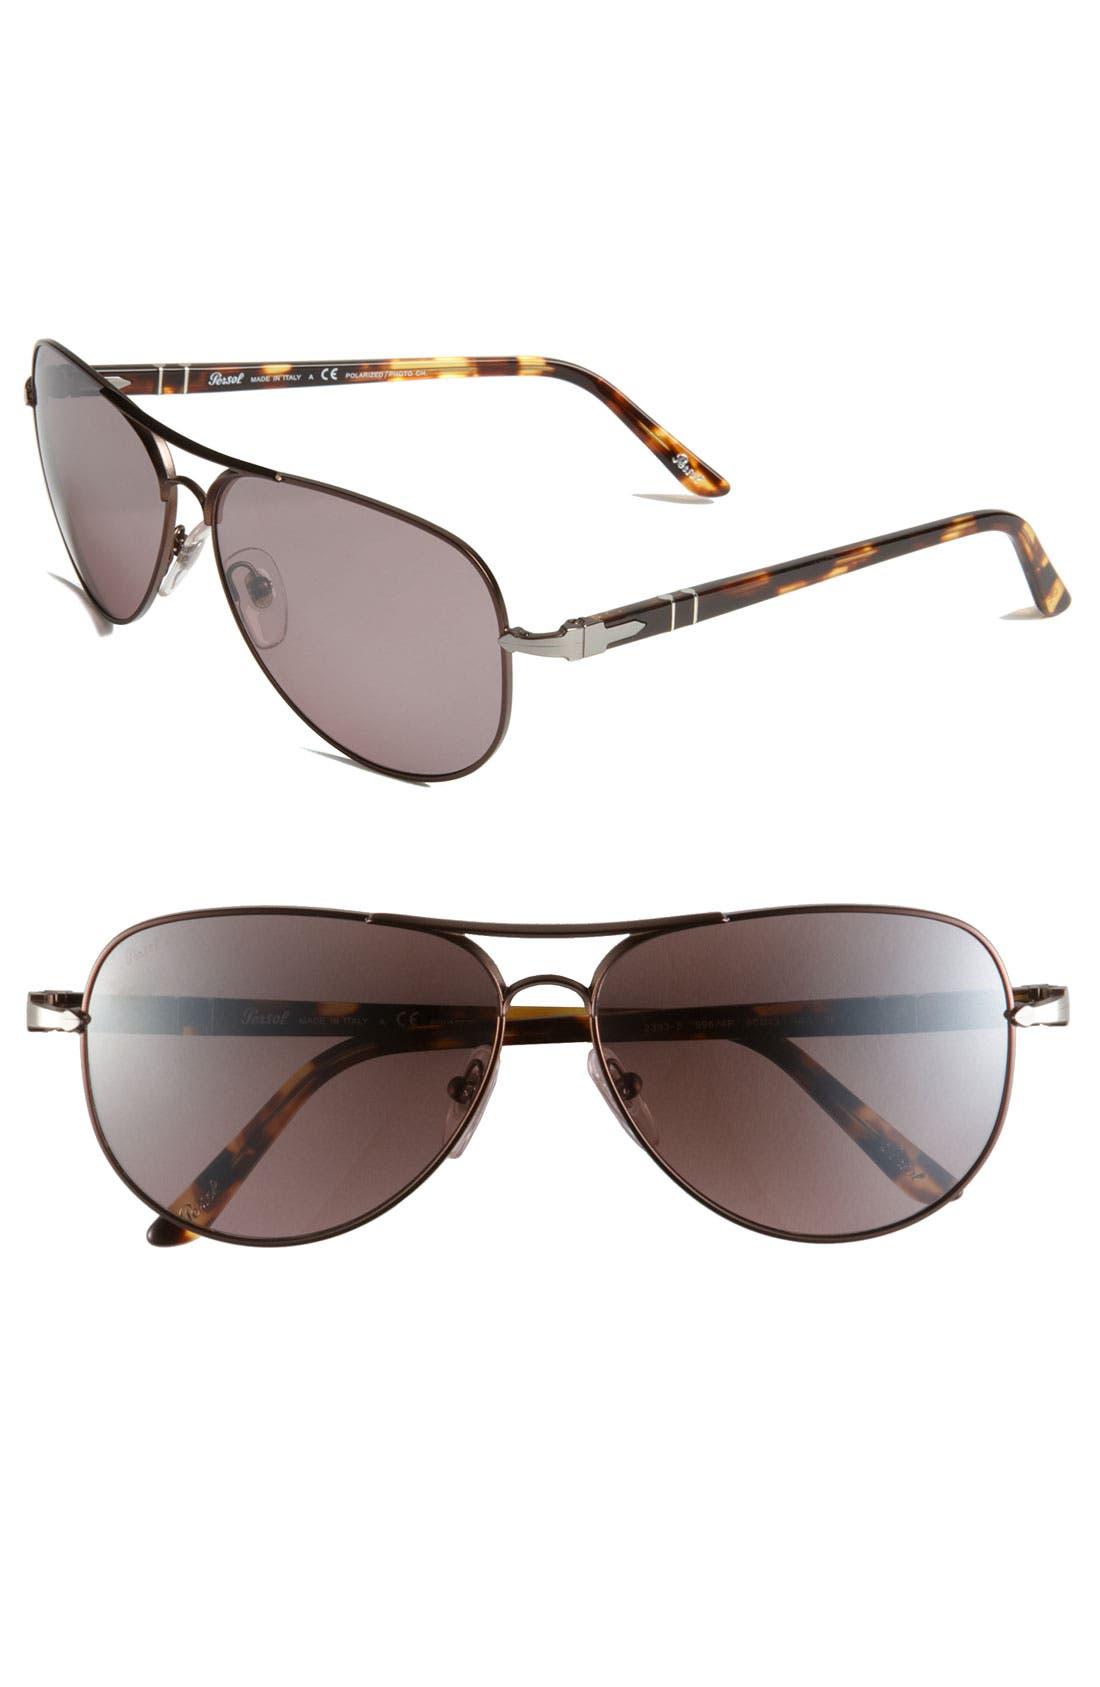 Main Image - Persol Metal Aviator Sunglasses